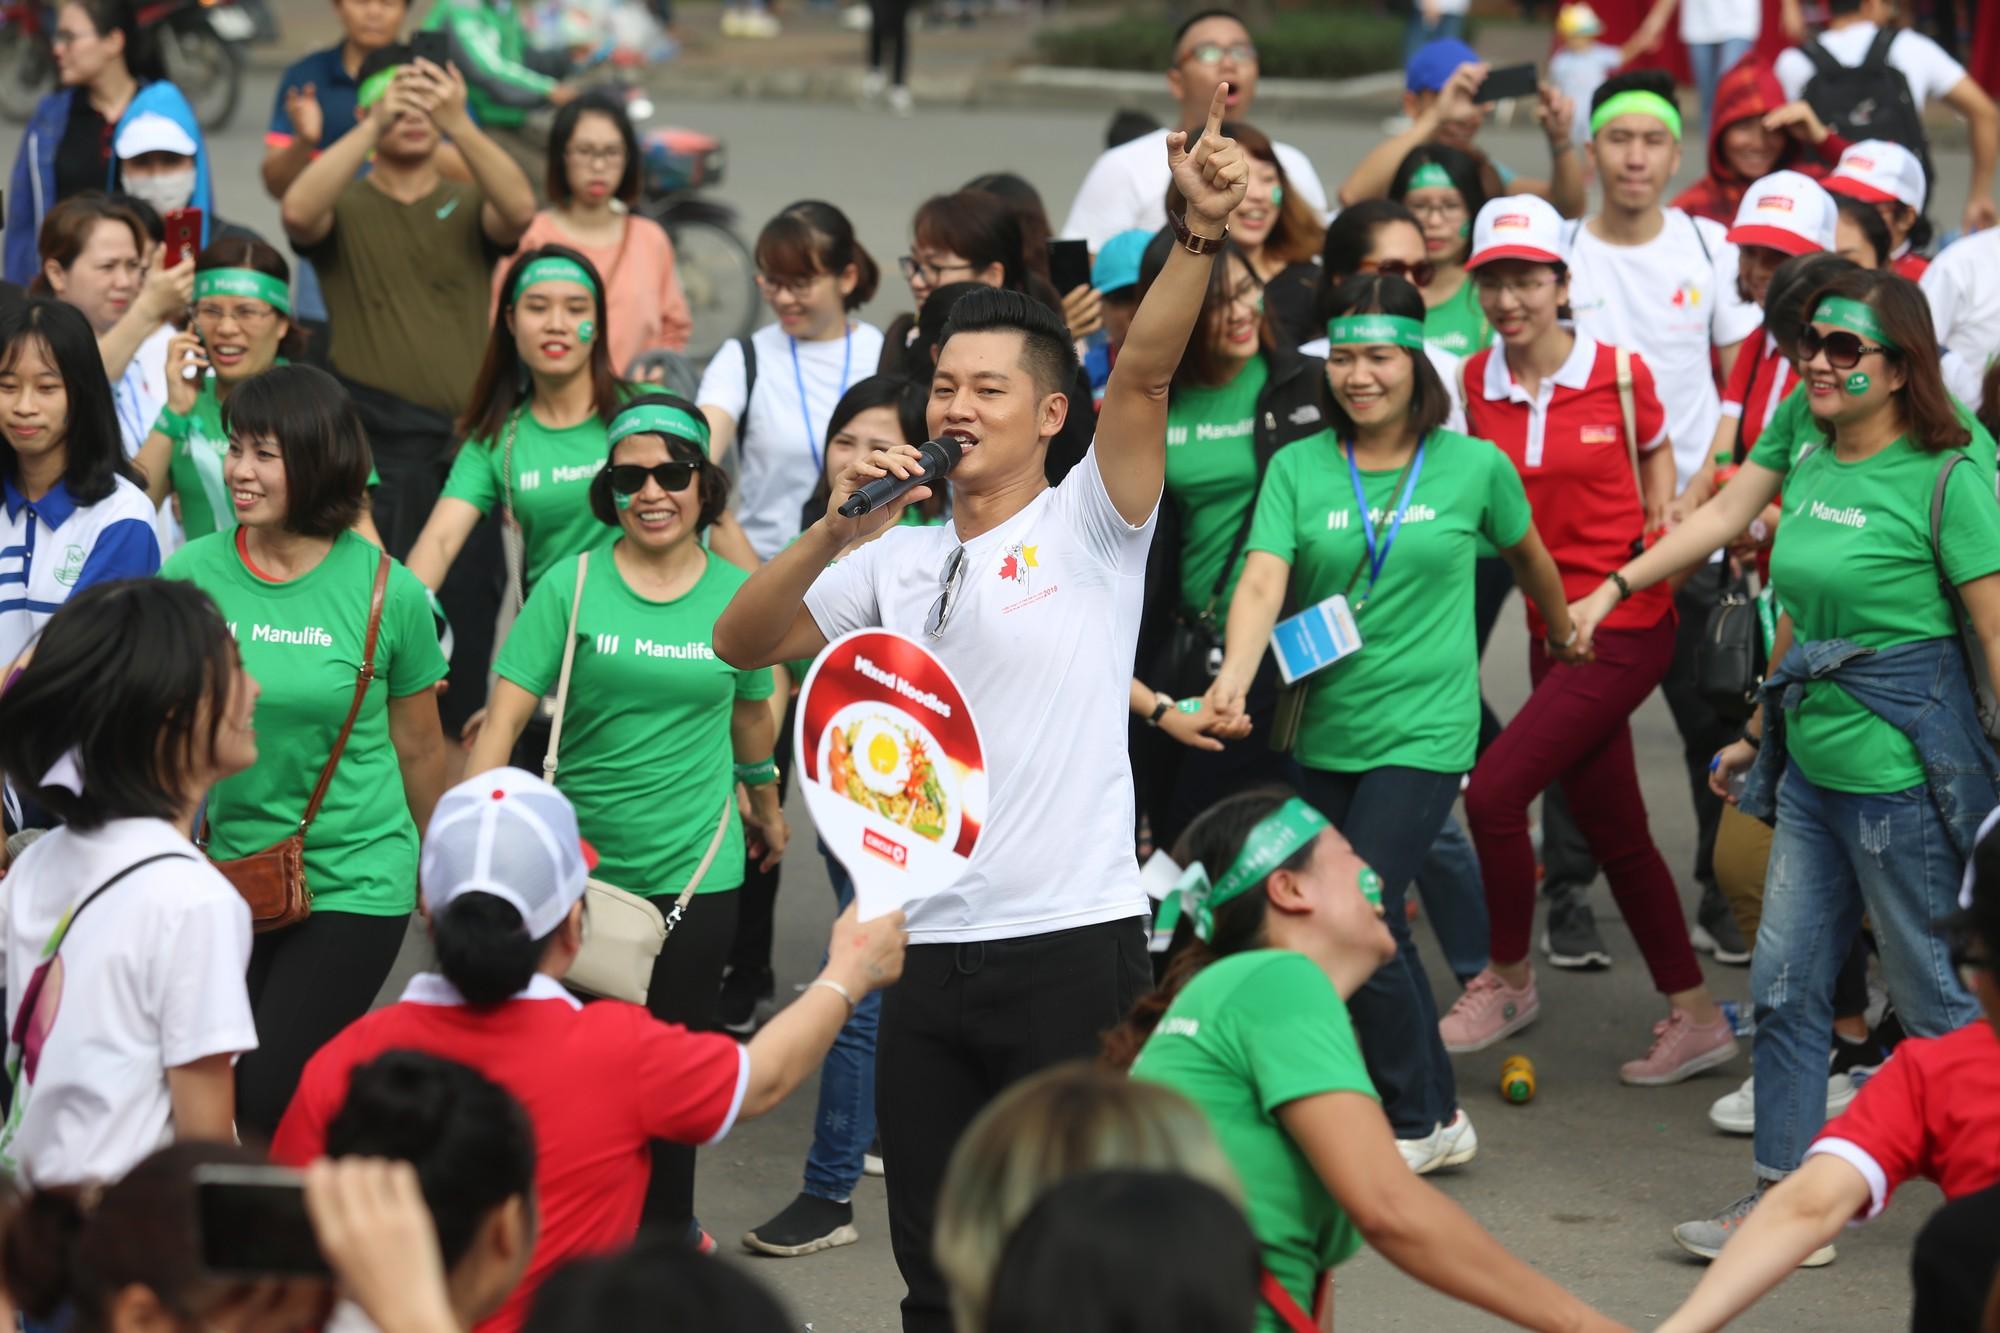 Chạy vì trẻ em Hà Nội 2018 thu hút hàng nghìn người tham dự, quyên góp hơn 1 tỷ đồng - Ảnh 11.